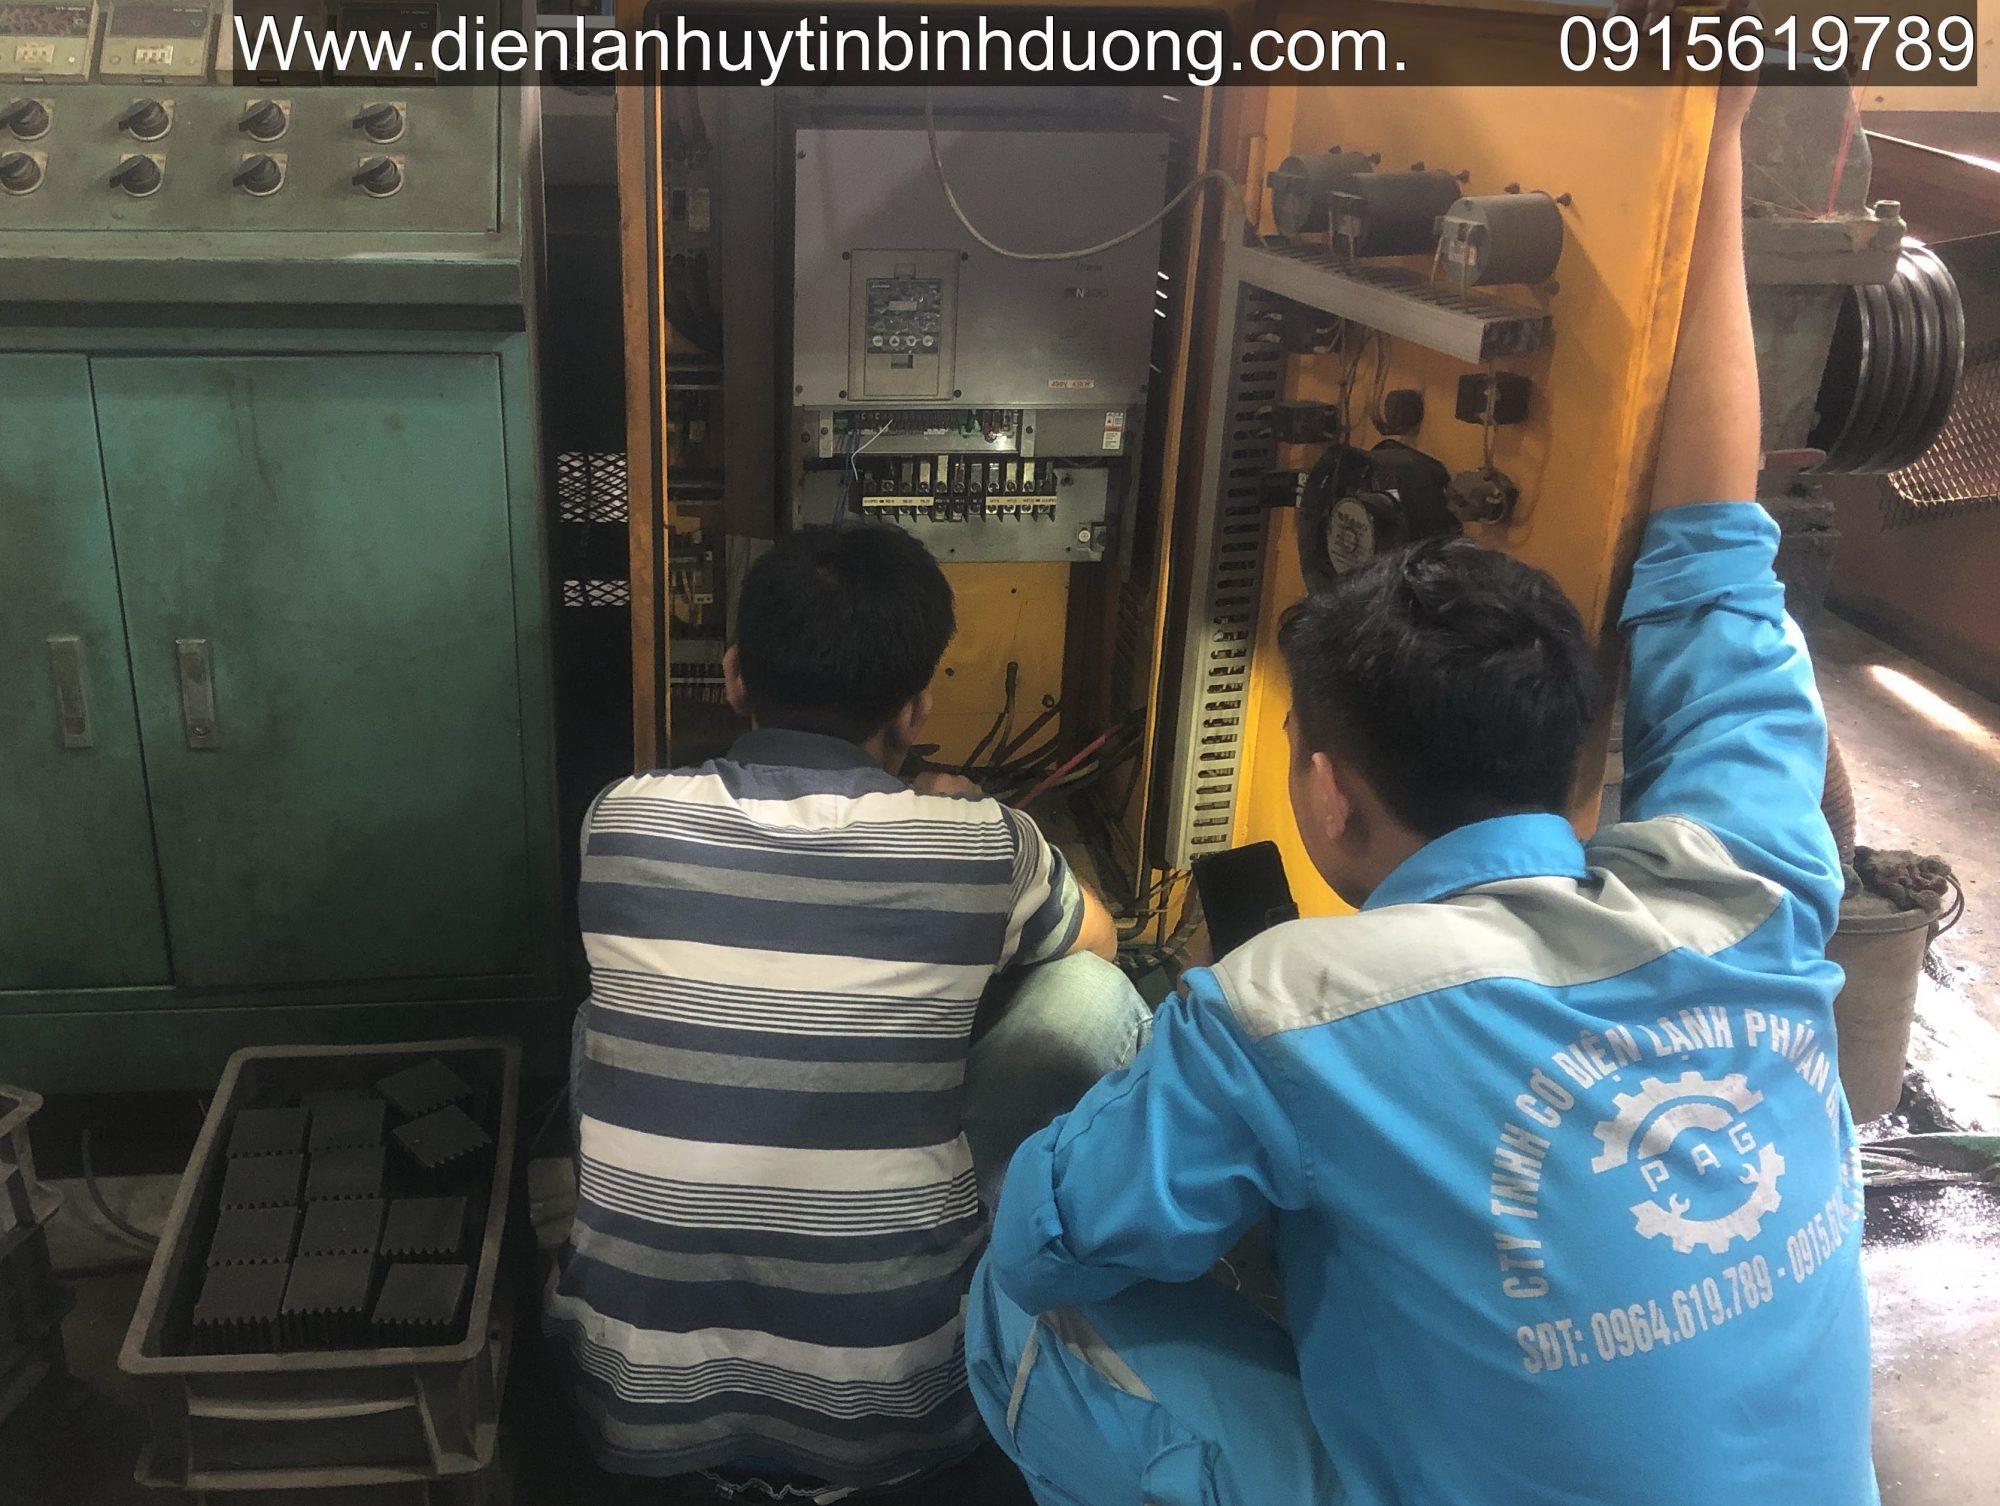 Sửa điện Công Nghiệp Bình Dương